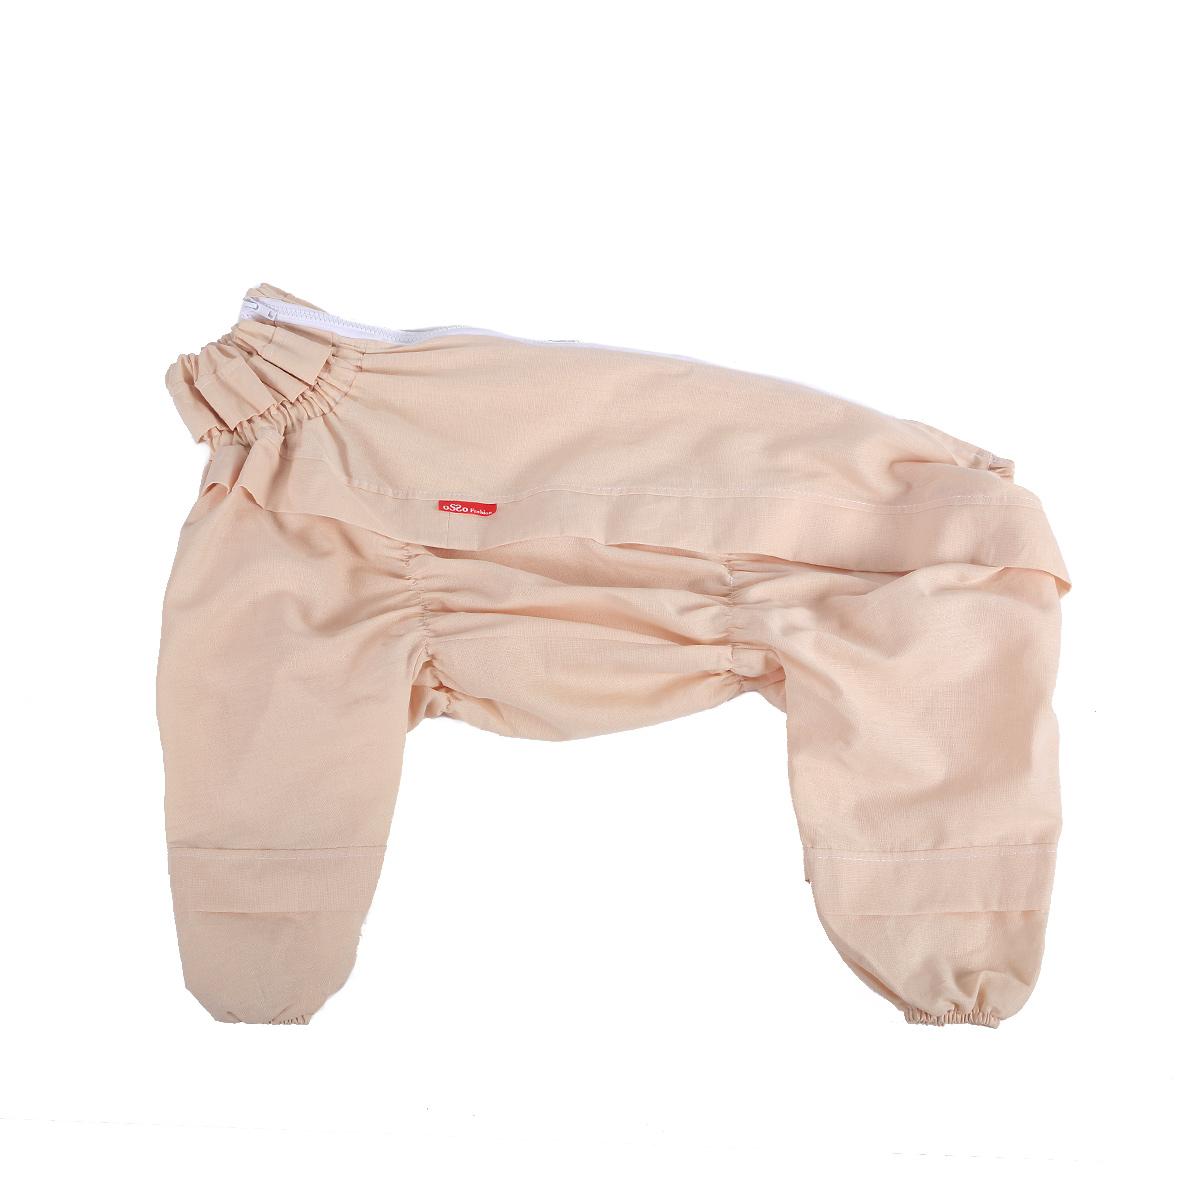 Комбинезон для собак OSSO Fashion, от клещей, для мальчика, цвет: бежевый. Размер 30Кк-1020Комбинезон для собак OSSO Fashion изготовлен из 100% хлопка, имеет светлую расцветку, на которой сразу будут заметны кровососущие насекомые. Комбинезон предназначен для защиты собак во время прогулок по парку и лесу. Разработан с учетом особенностей поведения клещей. На комбинезоне имеются складки-ловушки на груди, на штанинах, на боках комбинезона и на шее, которые преграждают движение насекомого вверх. Комбинезон очень легкий и удобный. Низ штанин на резинке, на спине застегивается на молнию.Длина спинки: 30 см. Объем груди: 40-48 см.Одежда для собак: нужна ли она и как её выбрать. Статья OZON Гид